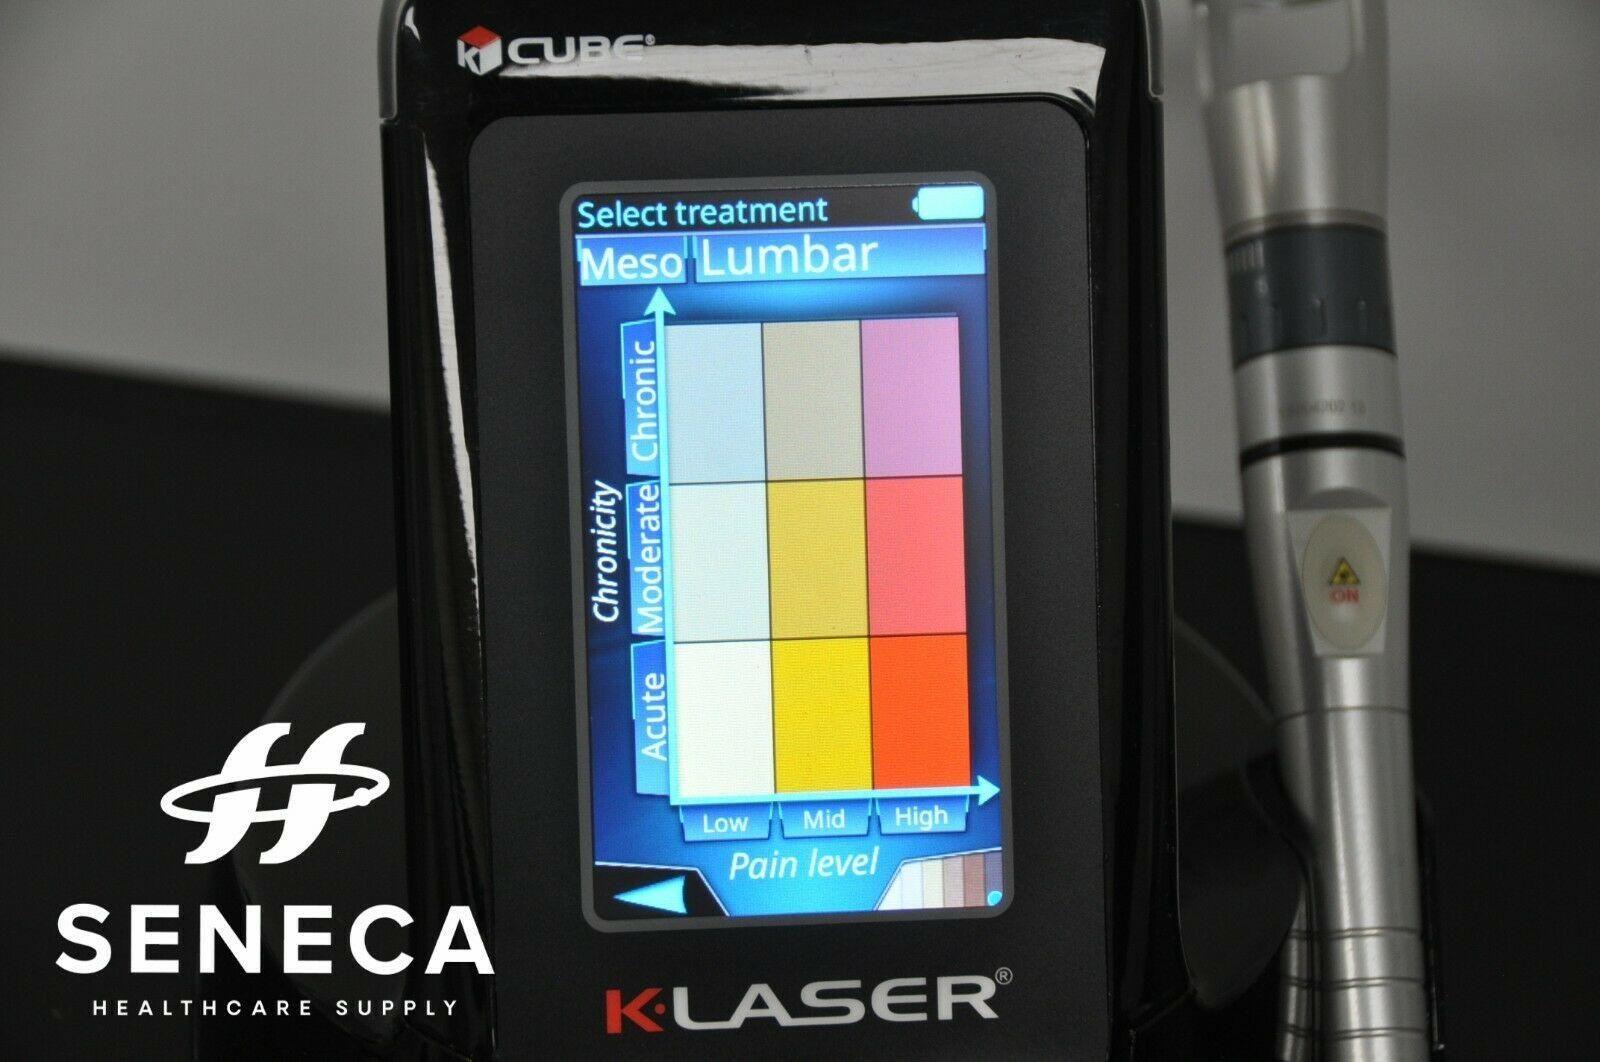 K-LASER CUBE 4 15W MEDICAL THERAPY LASER CLASS 4 IV KLASER ELTECH